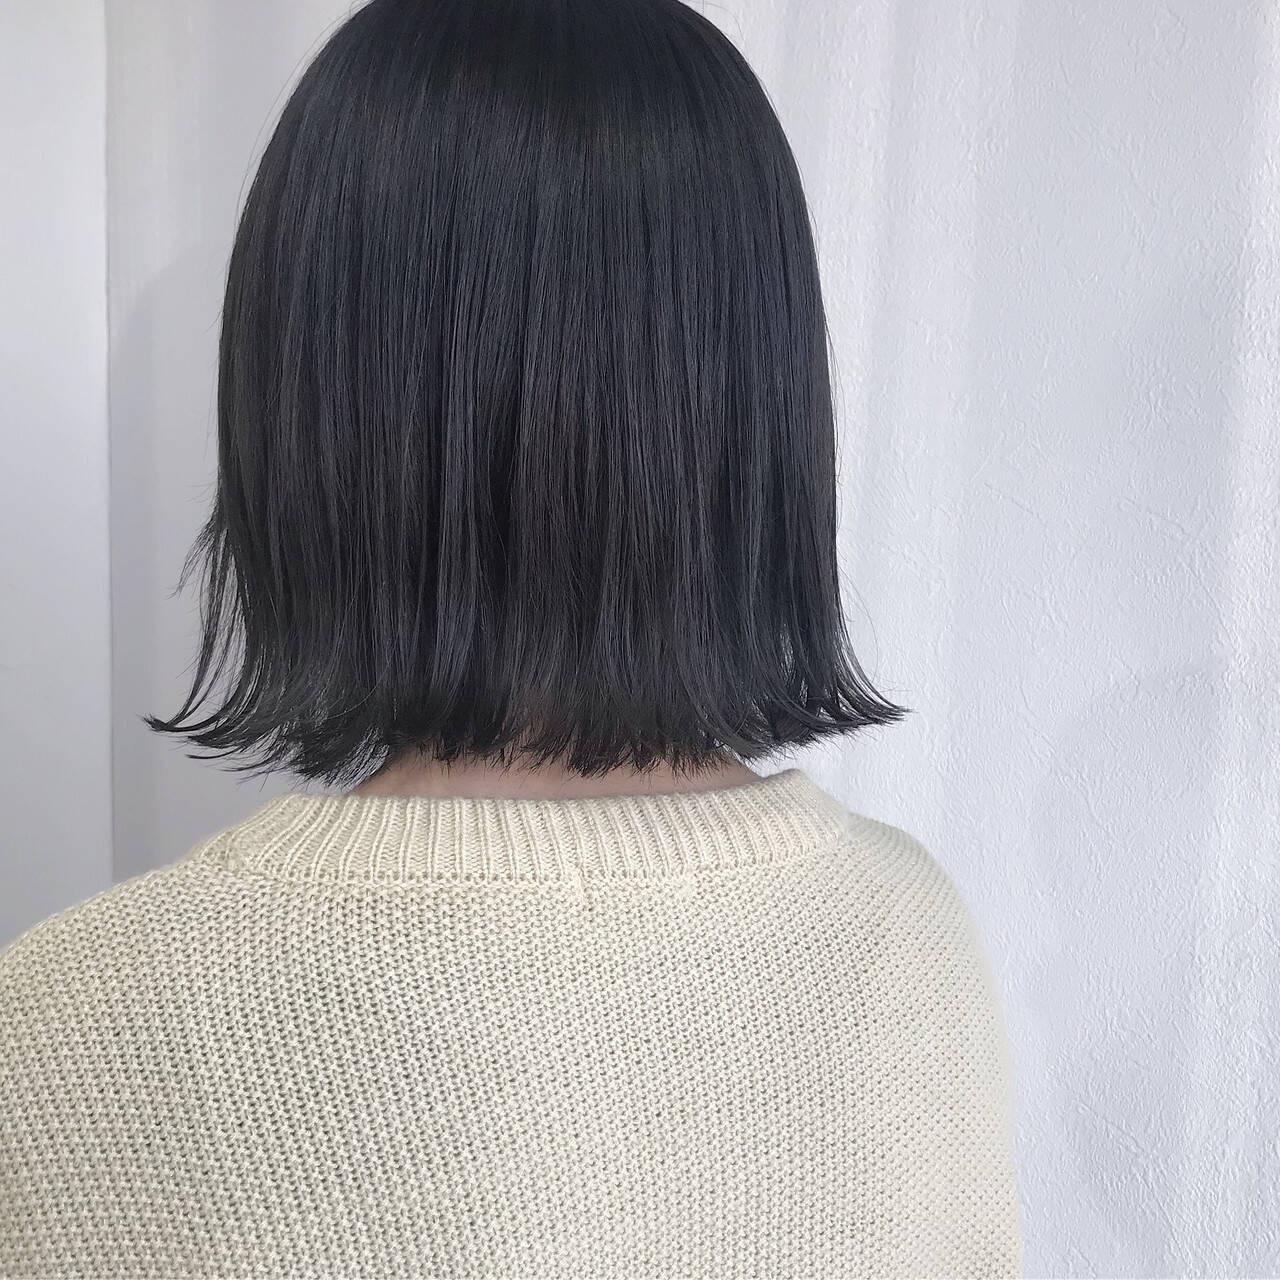 外国人風カラー ダークグレー アンニュイほつれヘア ナチュラルヘアスタイルや髪型の写真・画像